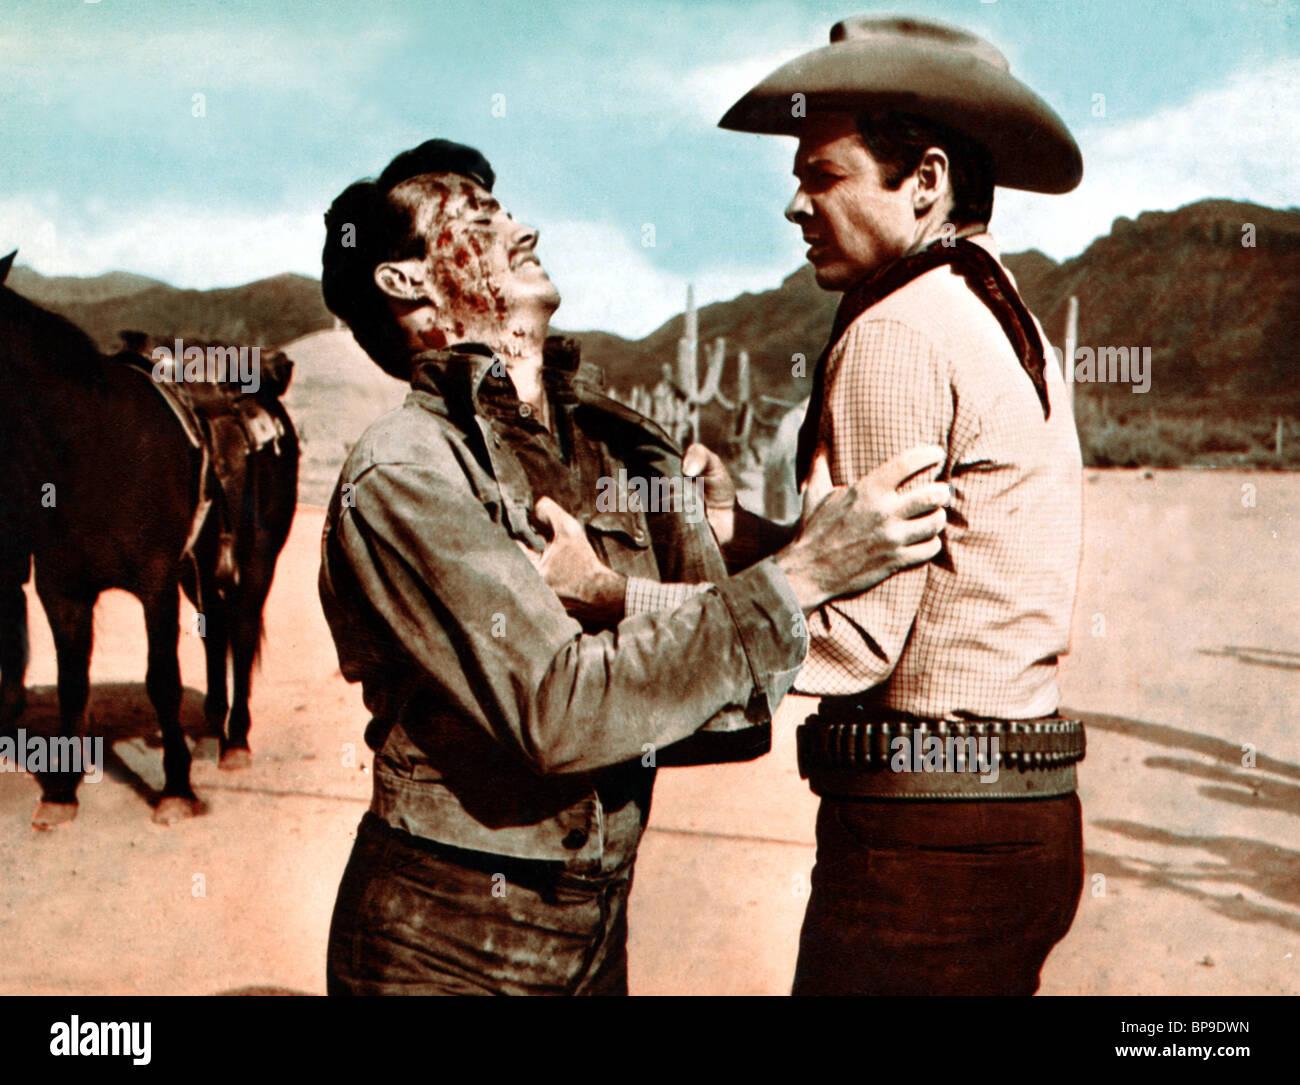 Ben Cooper Audie Murphy Arizona Raiders 1965 Stock Photo